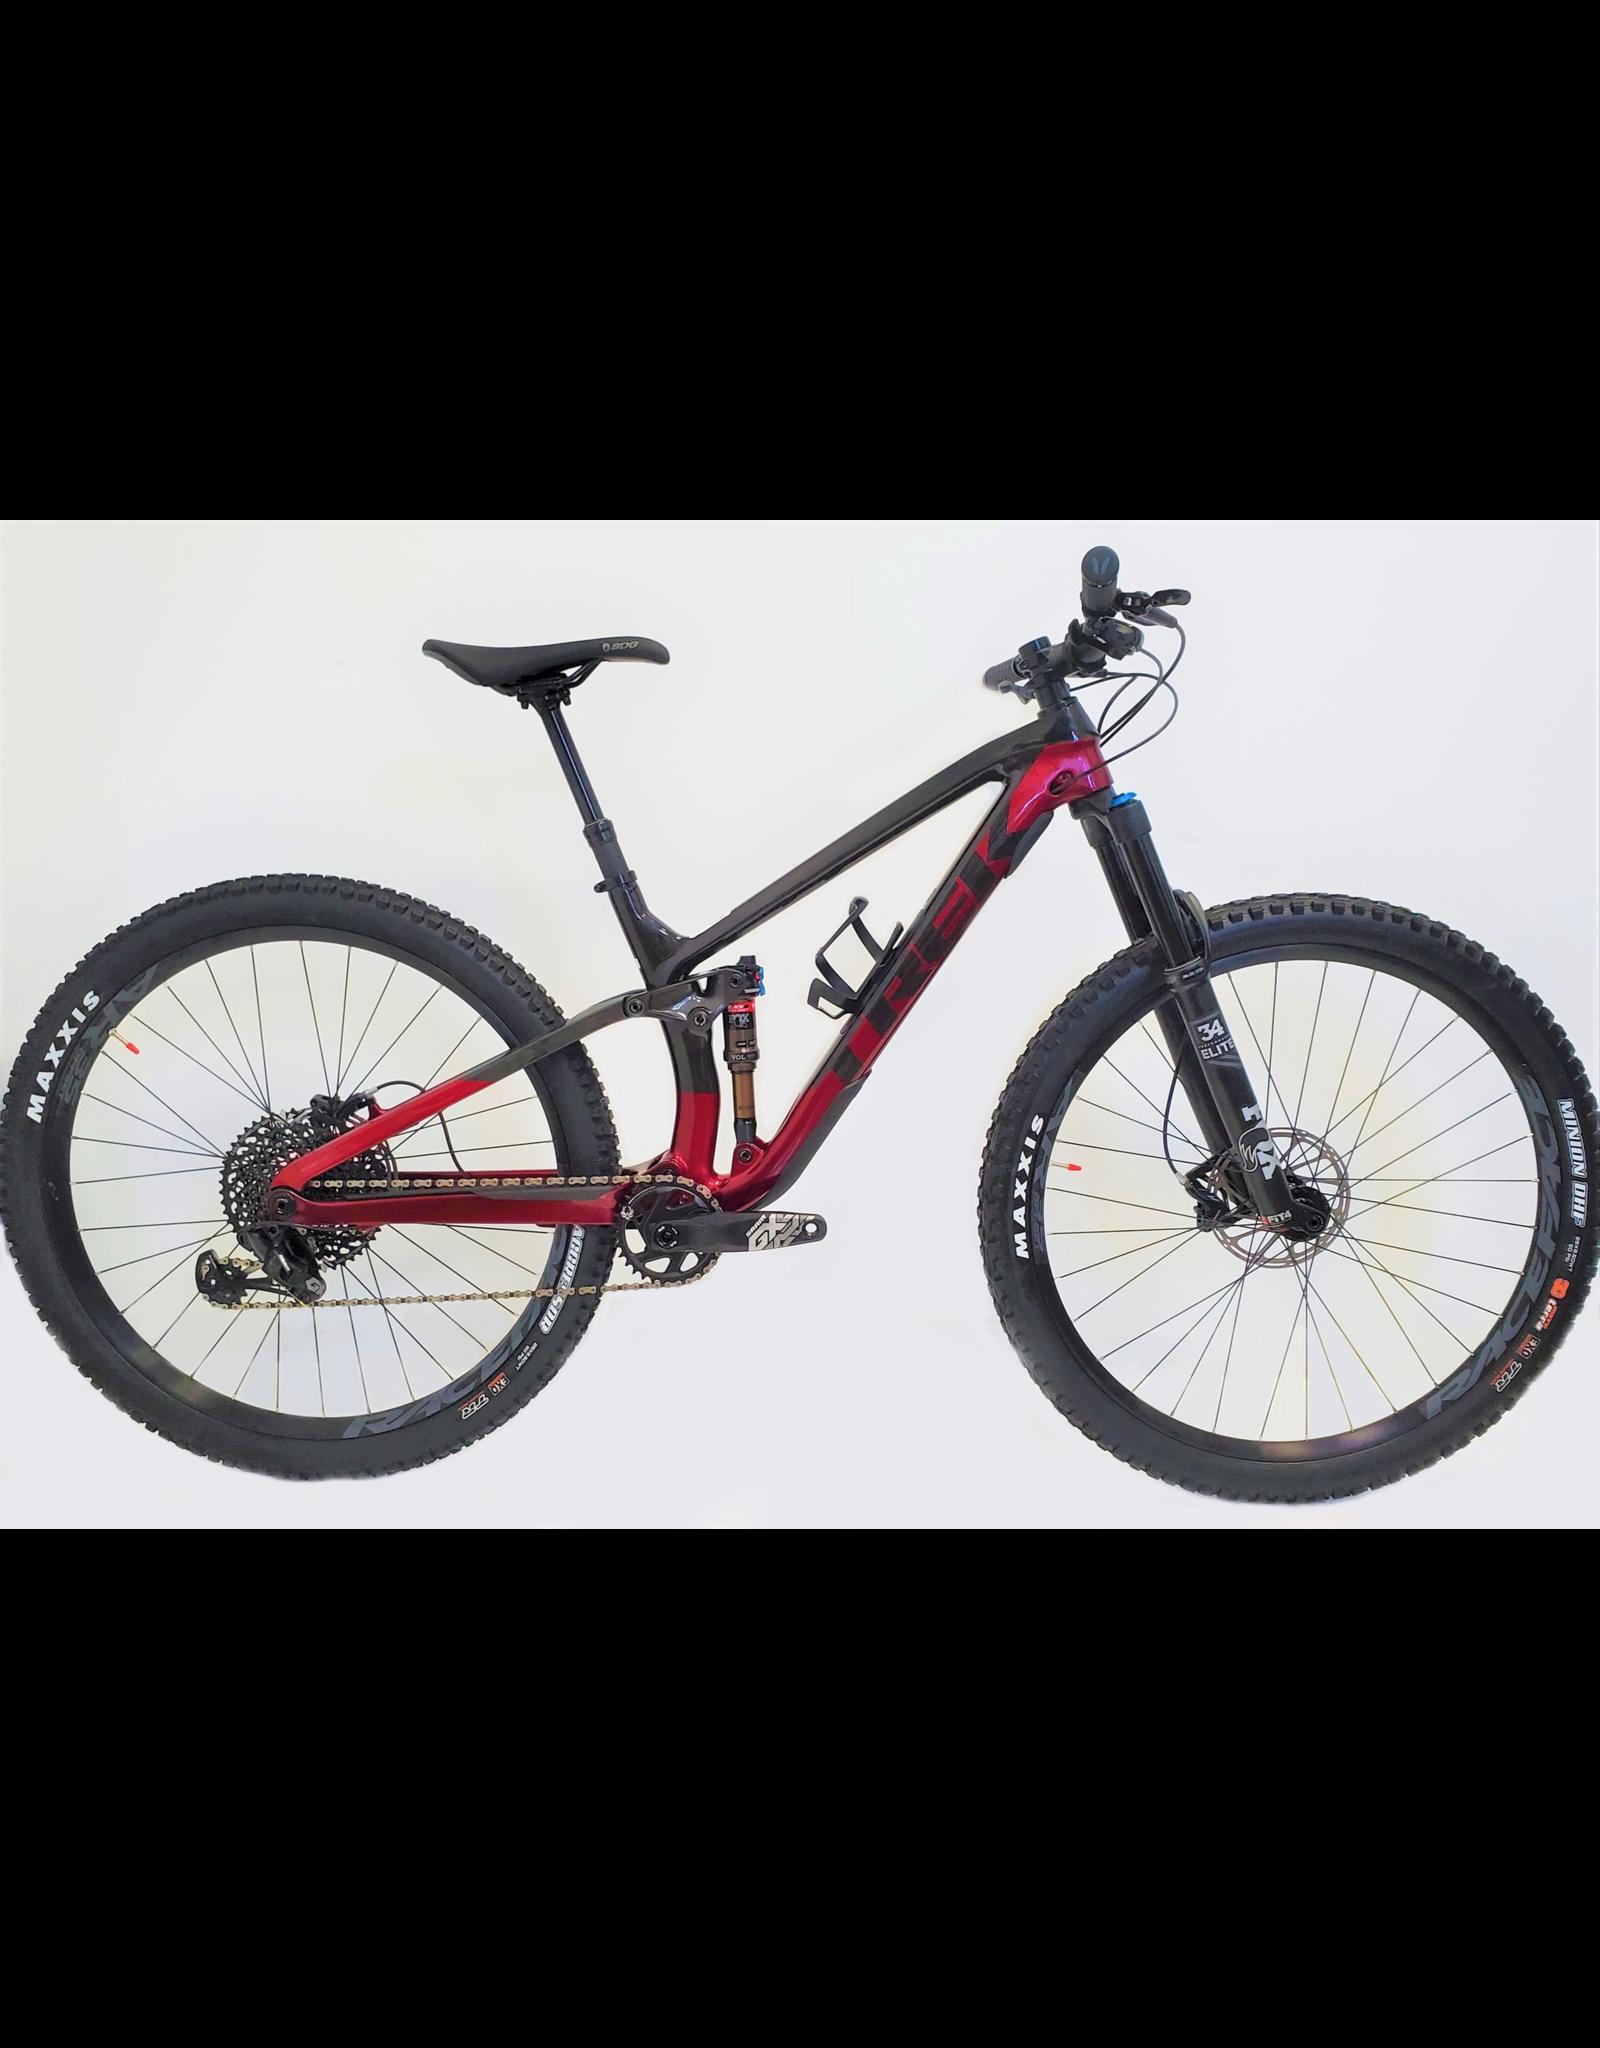 TREK 2020 Trek Fuel EX 29 Carbon - custom build